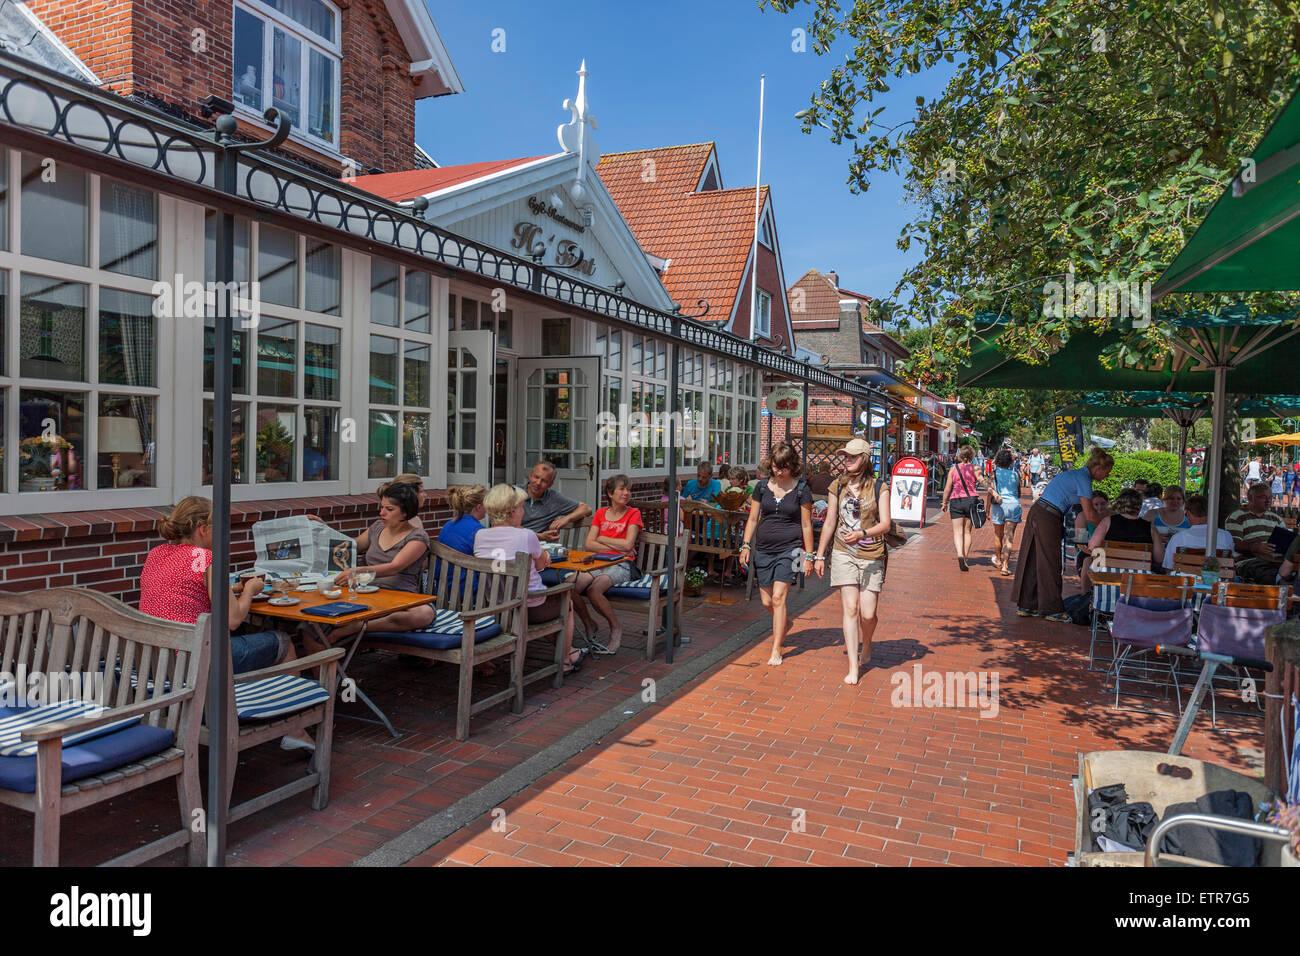 Straßencafé Restaurant in Insel Langeoog Ostfriesische